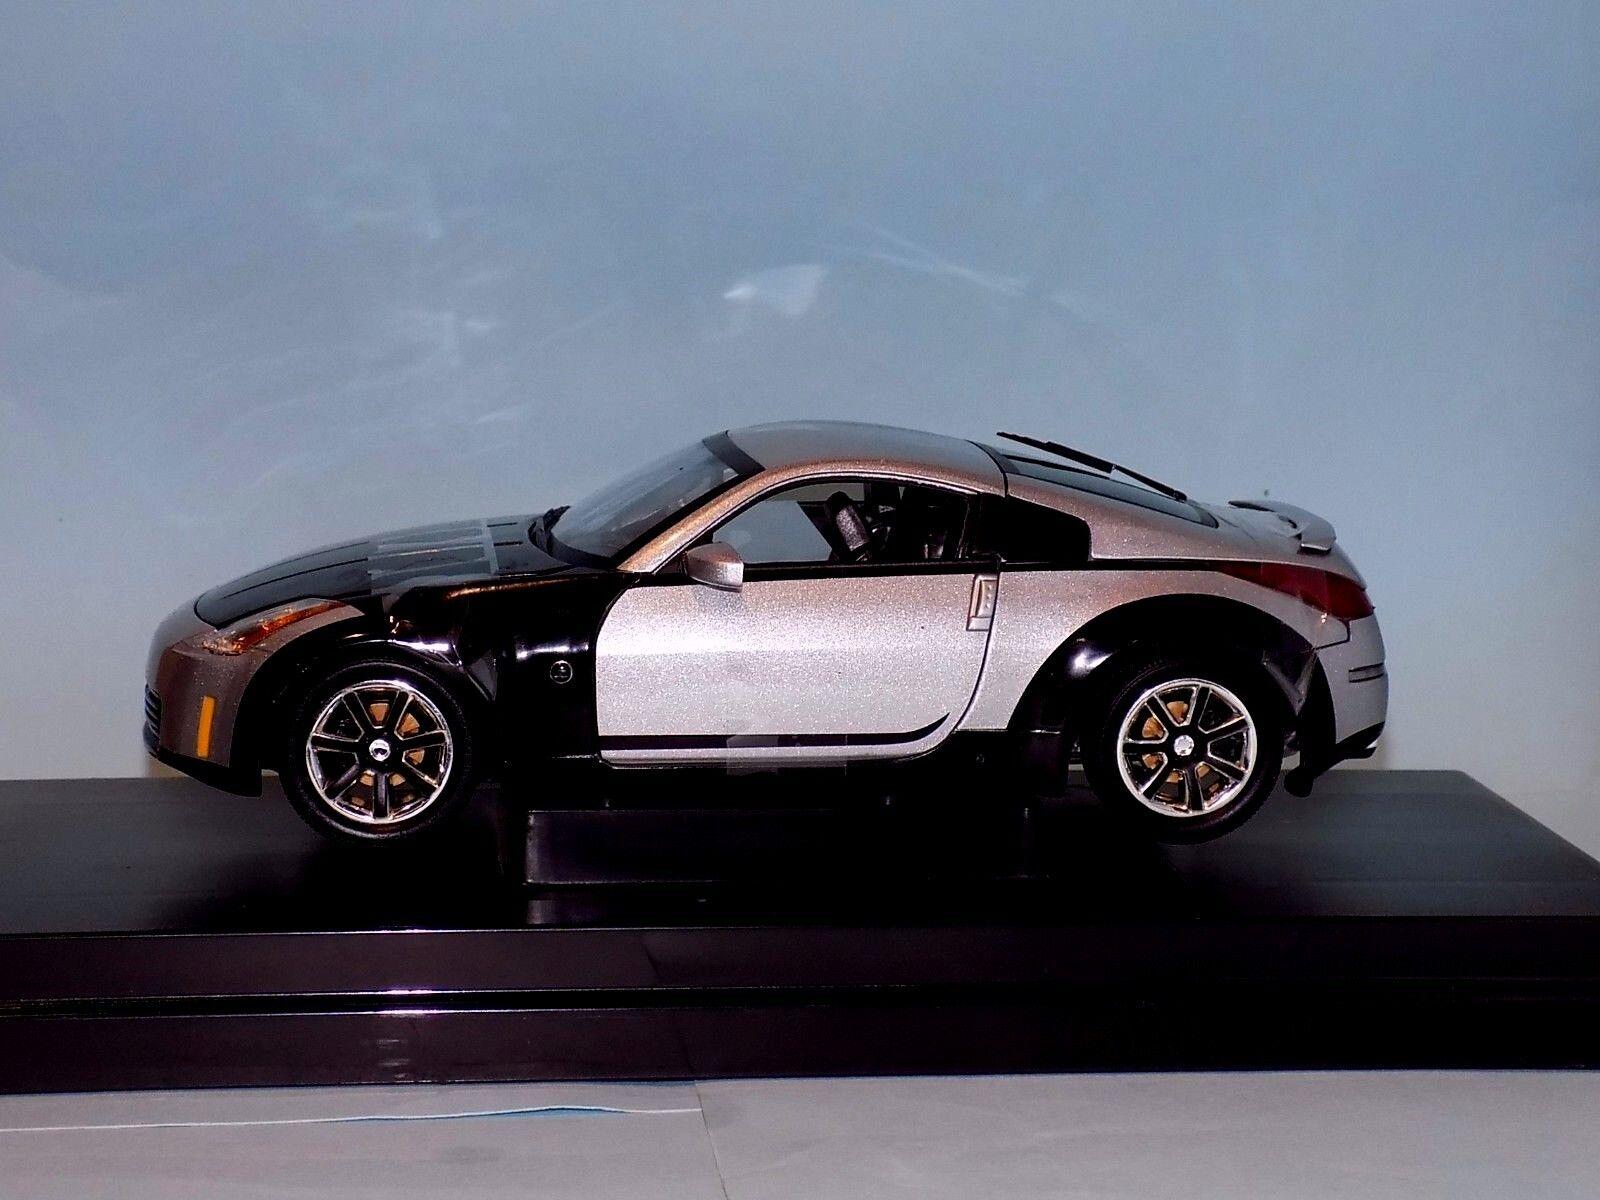 diseños exclusivos Nissan 350Z el el el rápido y el furioso RC2 53608 A 1 18  estar en gran demanda